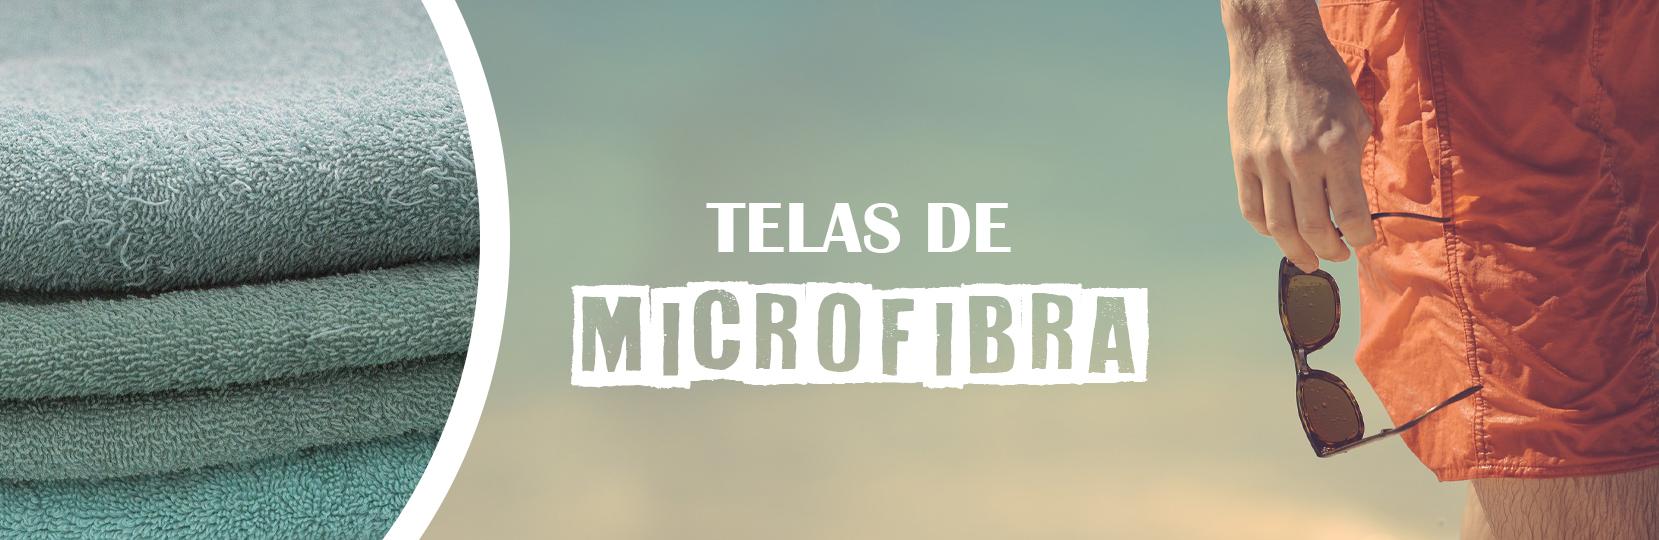 Telas de Microfibra